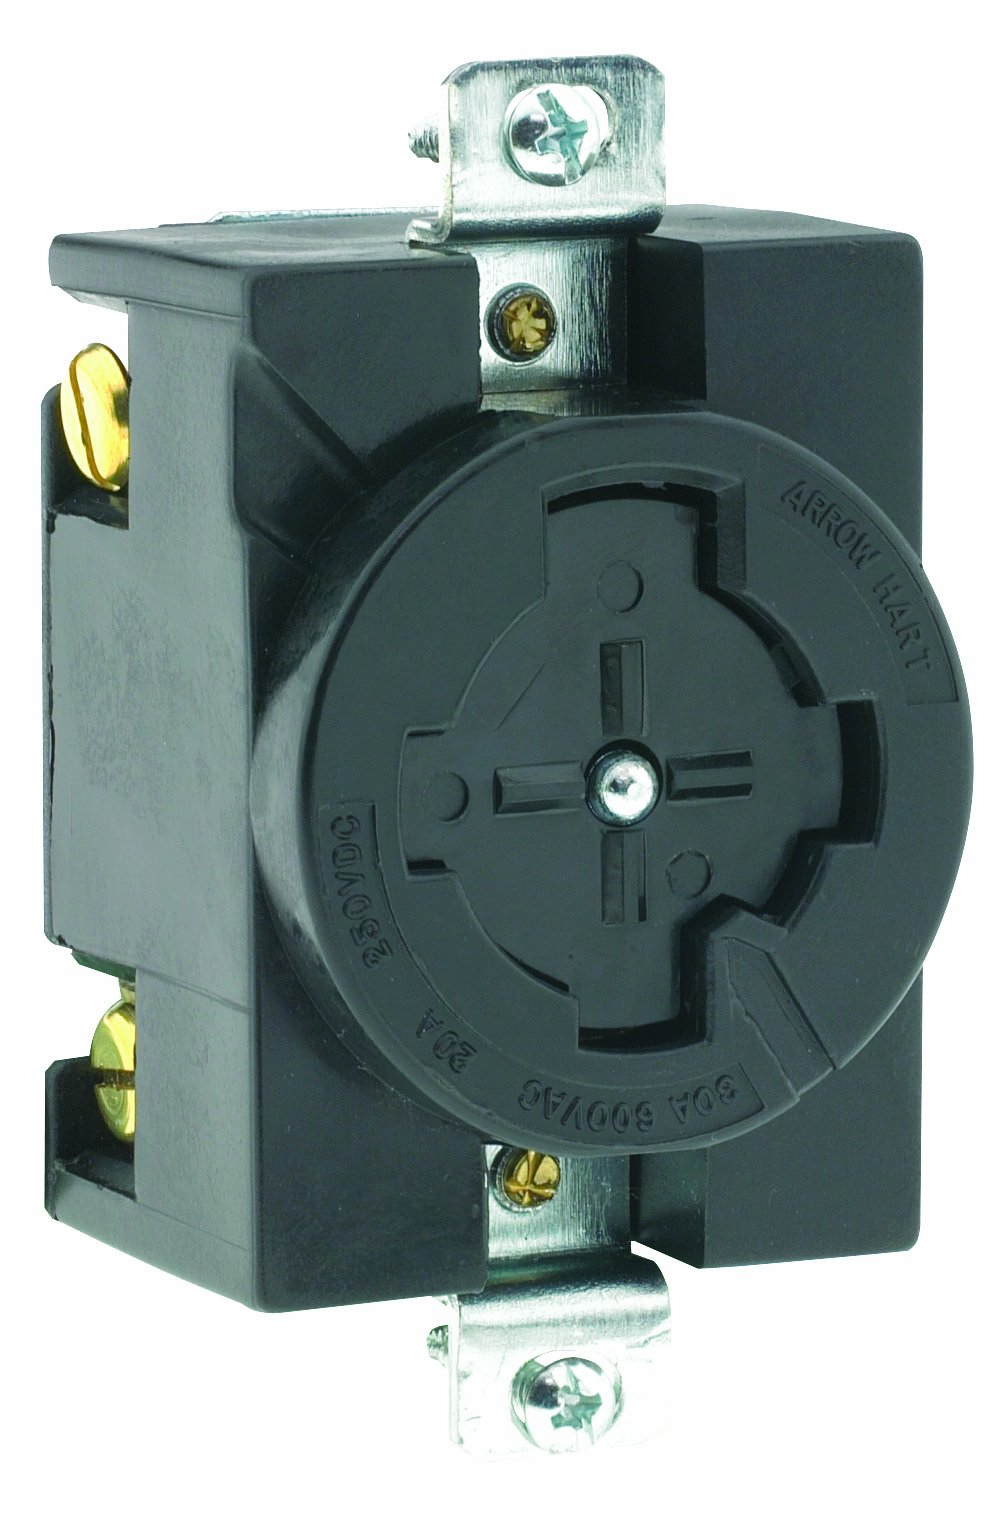 Leviton 20403 30 Amp, 600 Volt AC/20 Amp, 250 Volt DC, 3-Pole 4-Wire Grounding, Single Flush Receptacle